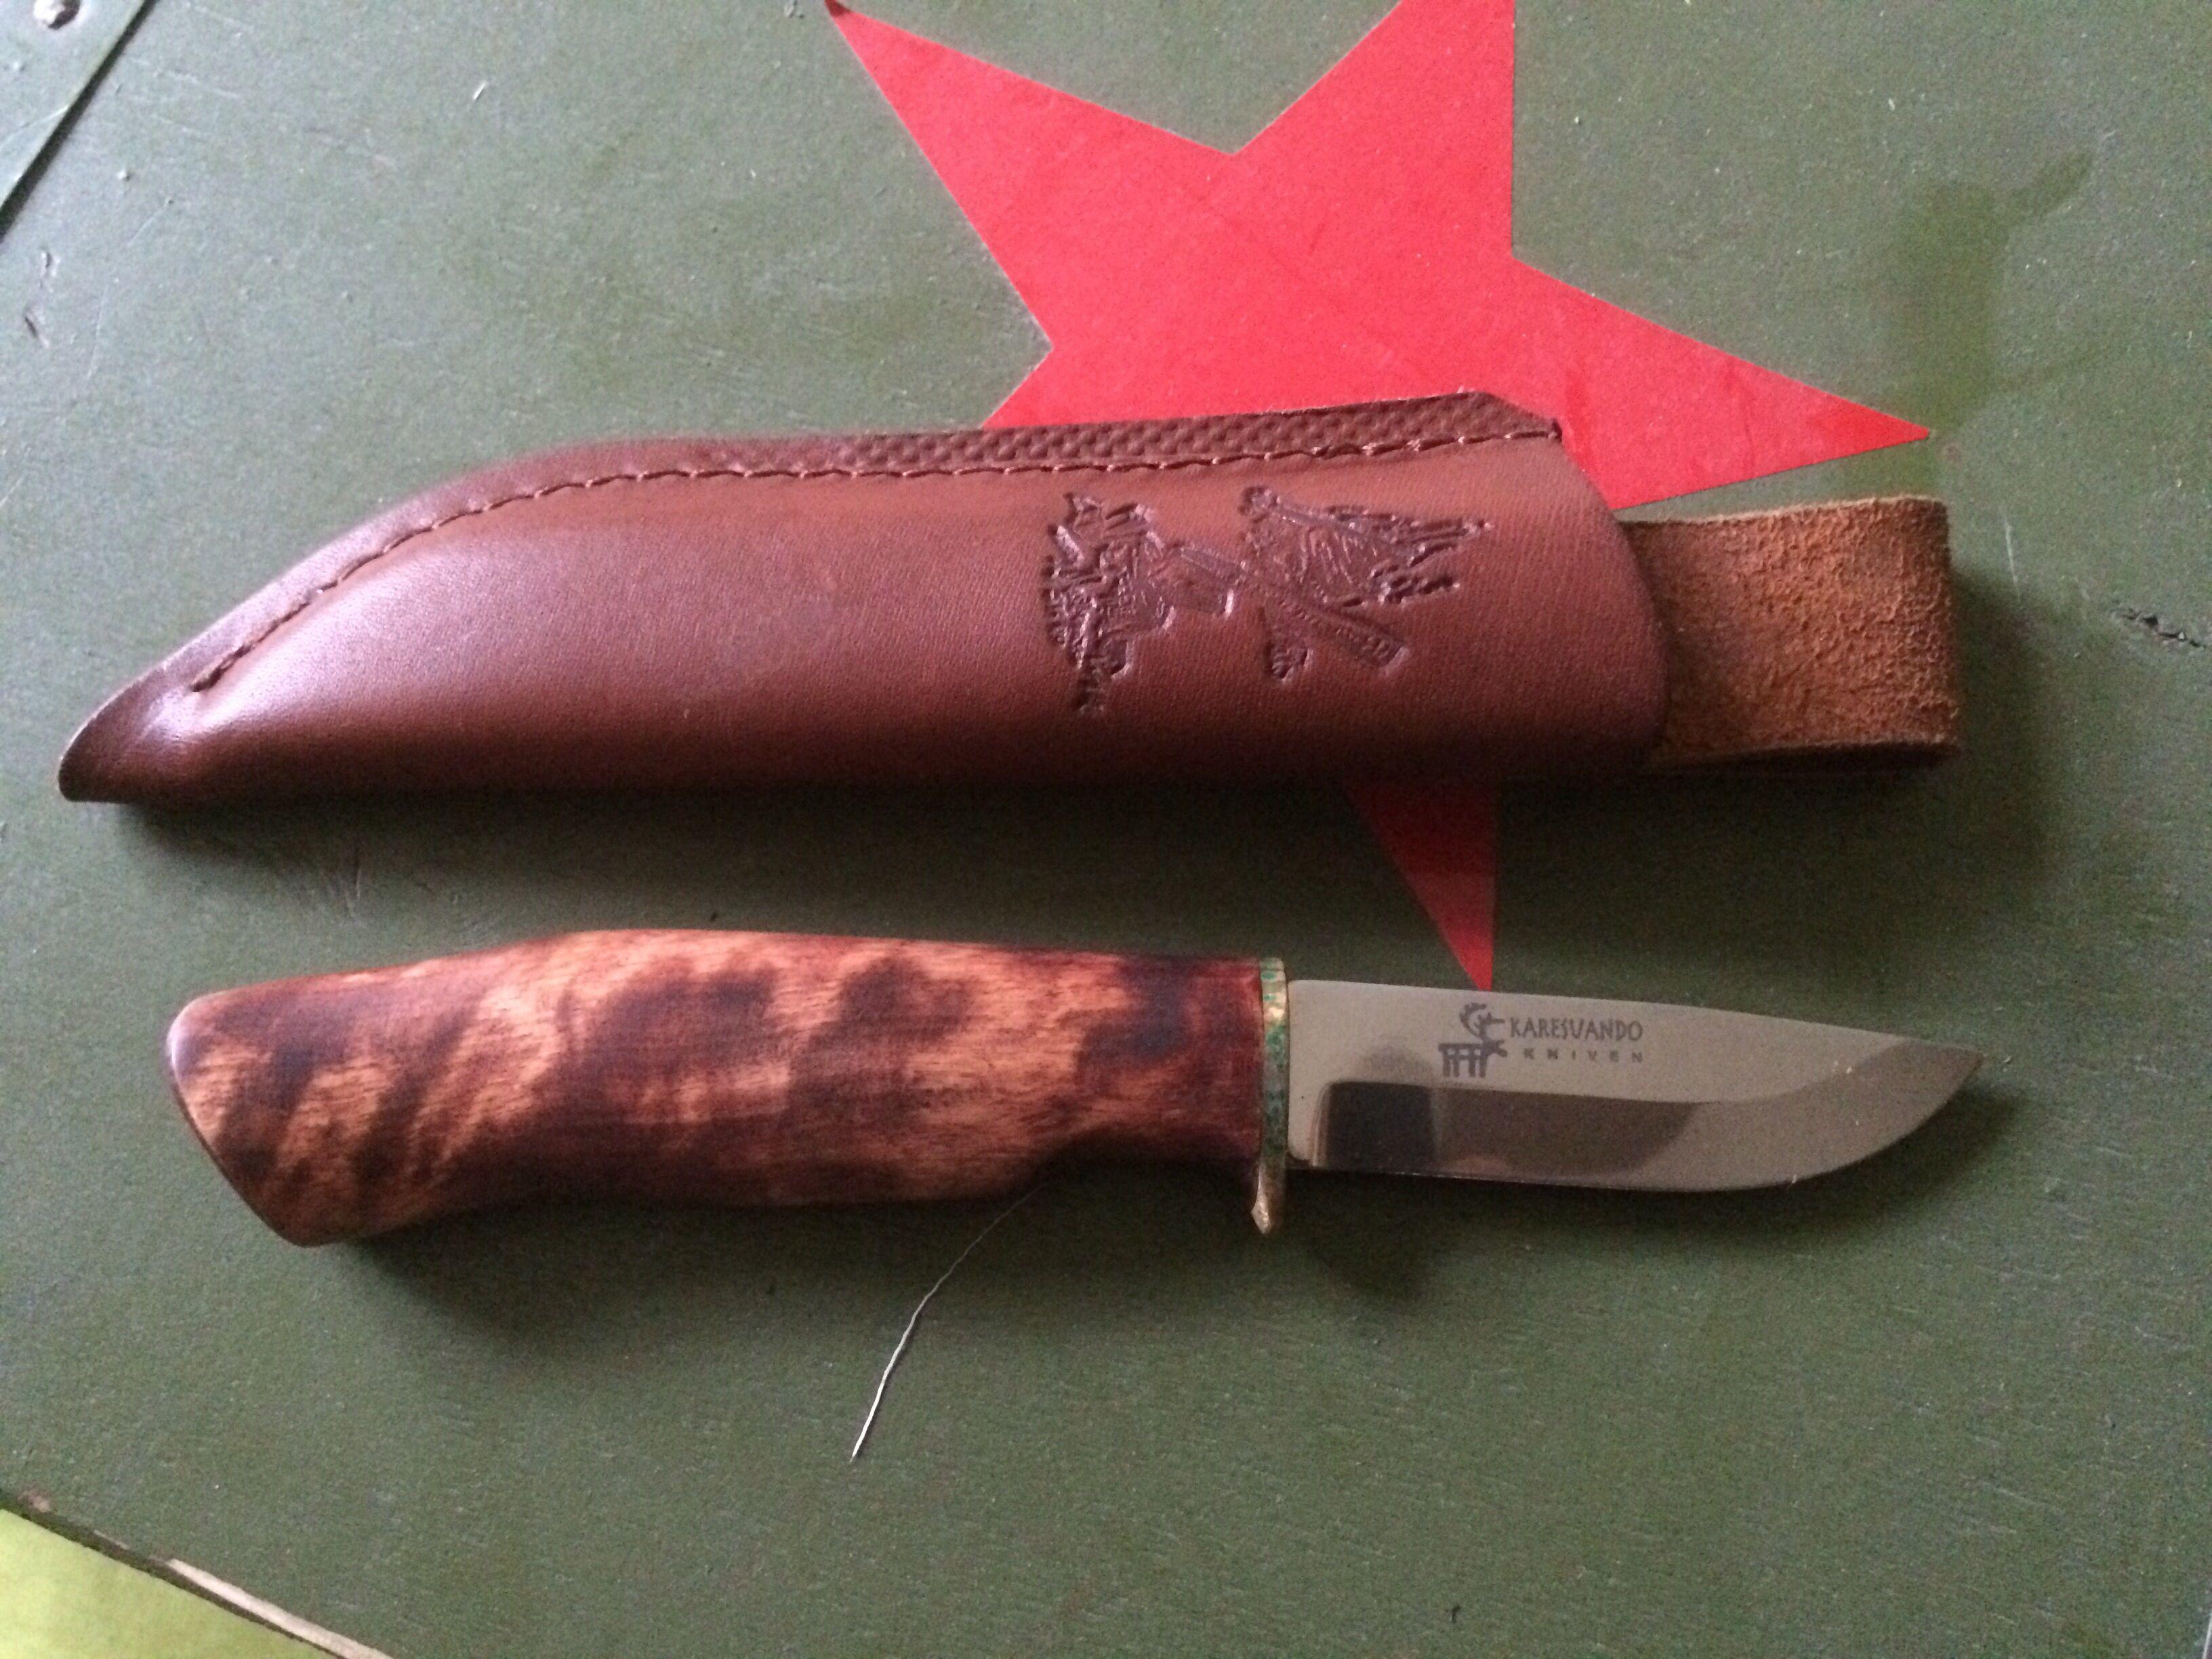 knife abalone crane knives jaguar folding pocket kissing stiletto